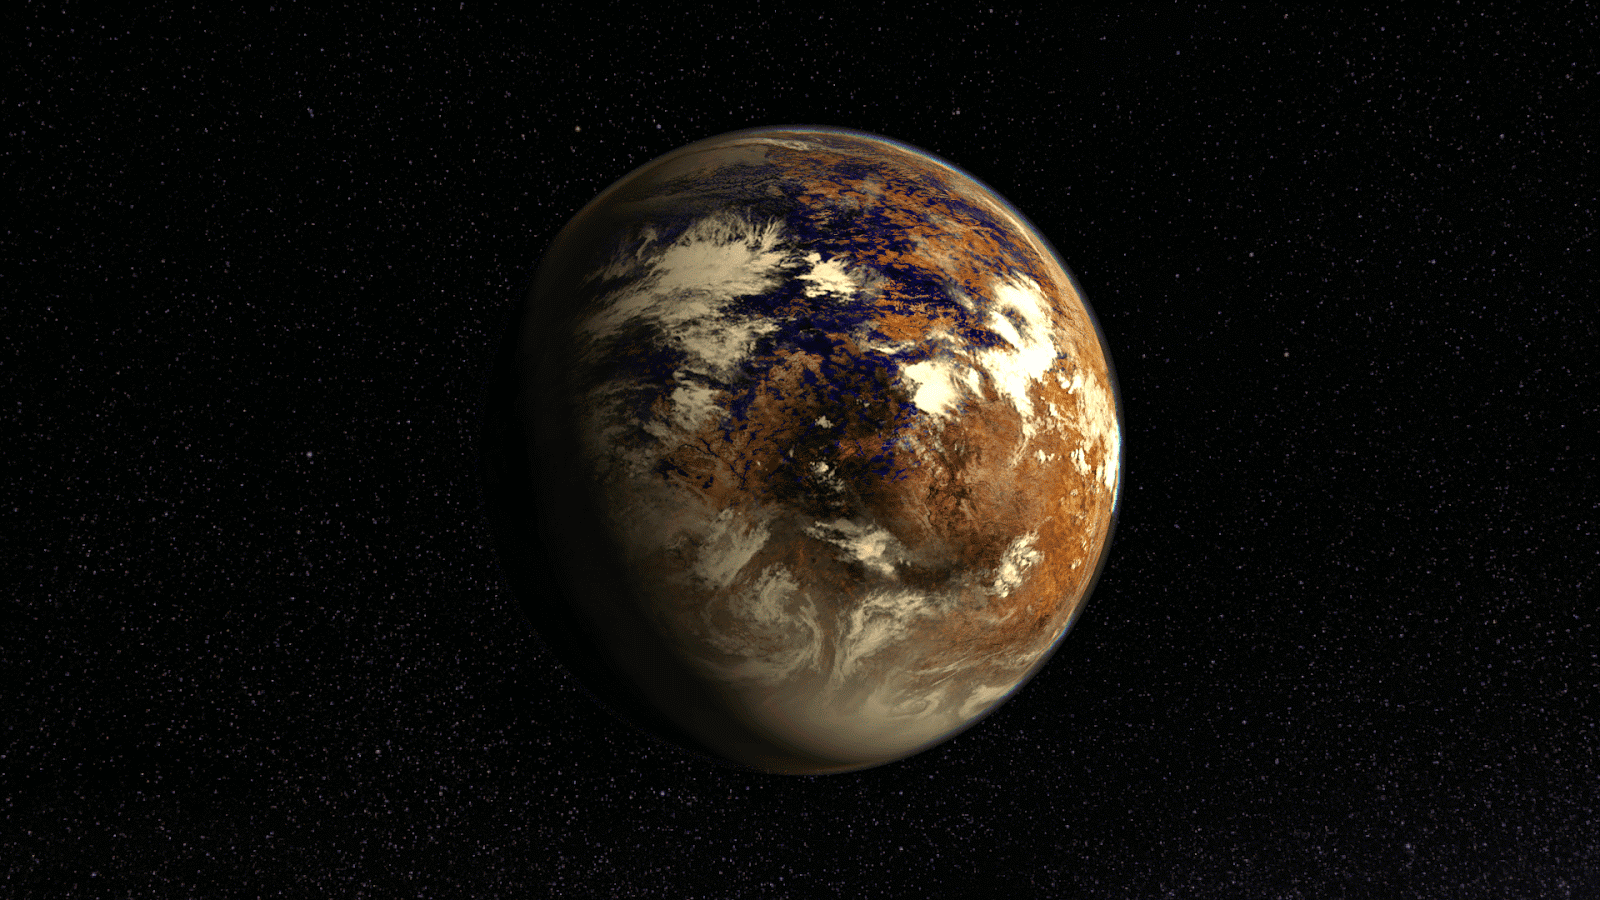 Descubren El Mundo Potencialmente Habitable Más Cercano A La Tierra